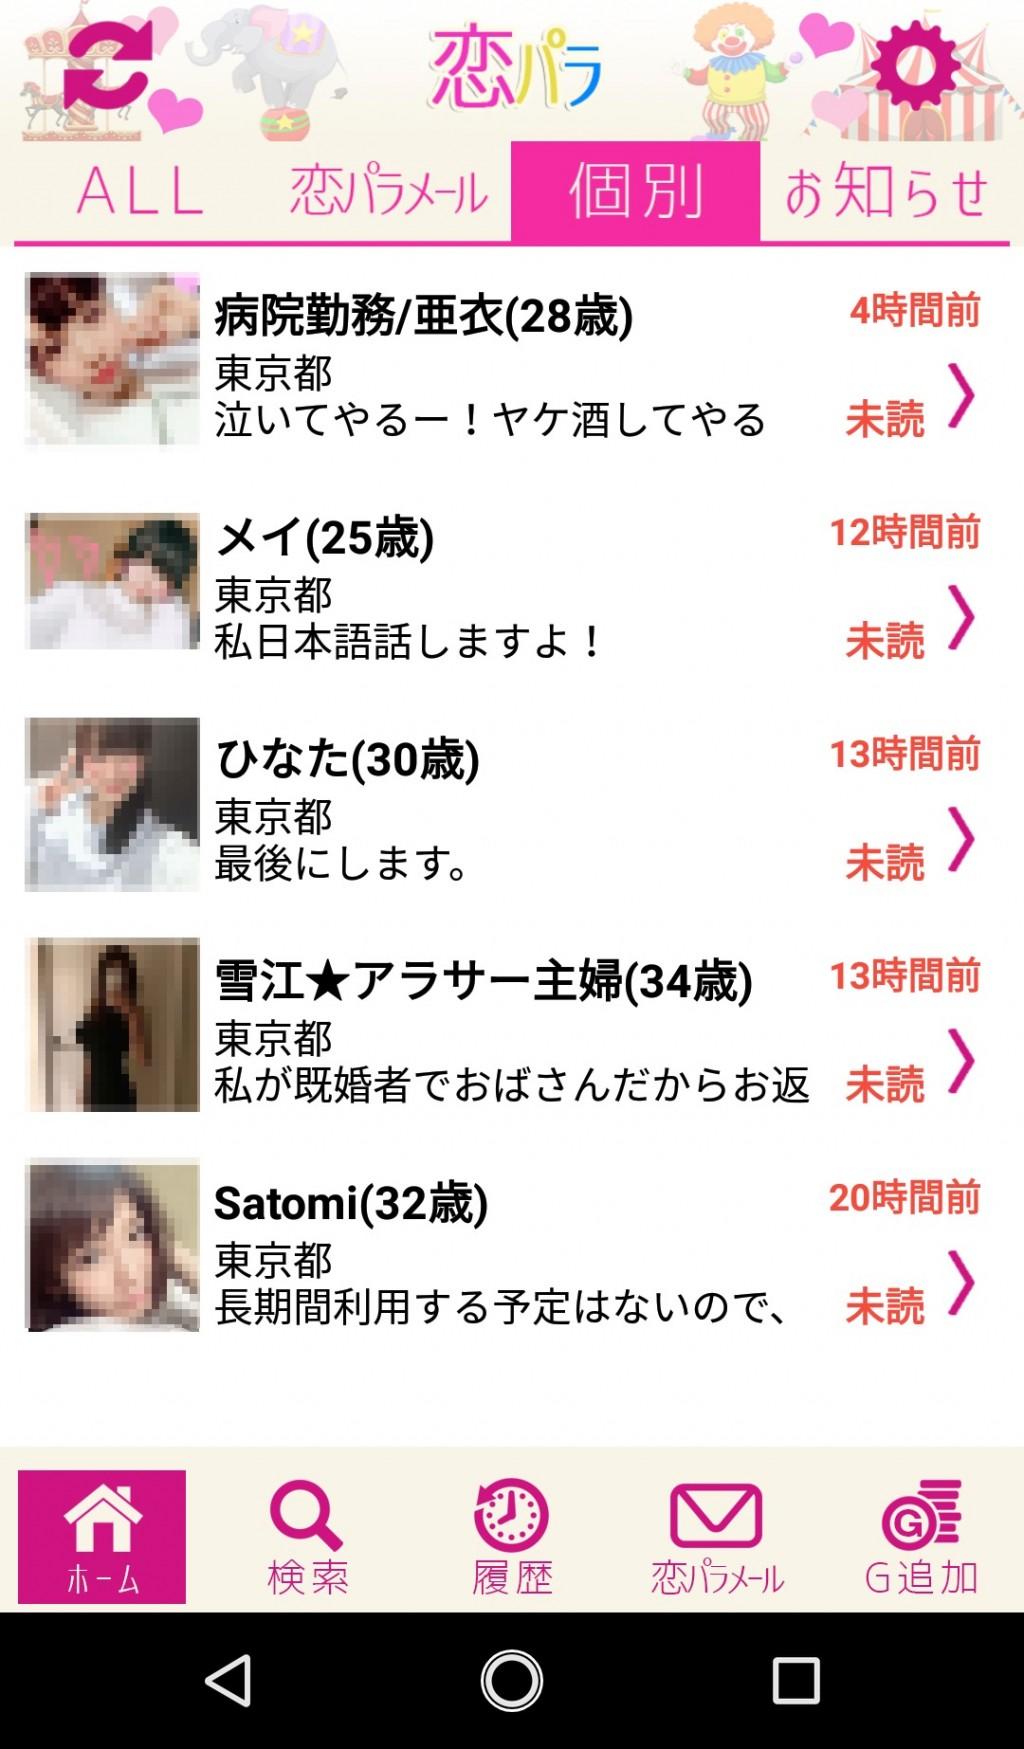 mail2 1 - 「恋パラ」はサクラ詐欺アプリ